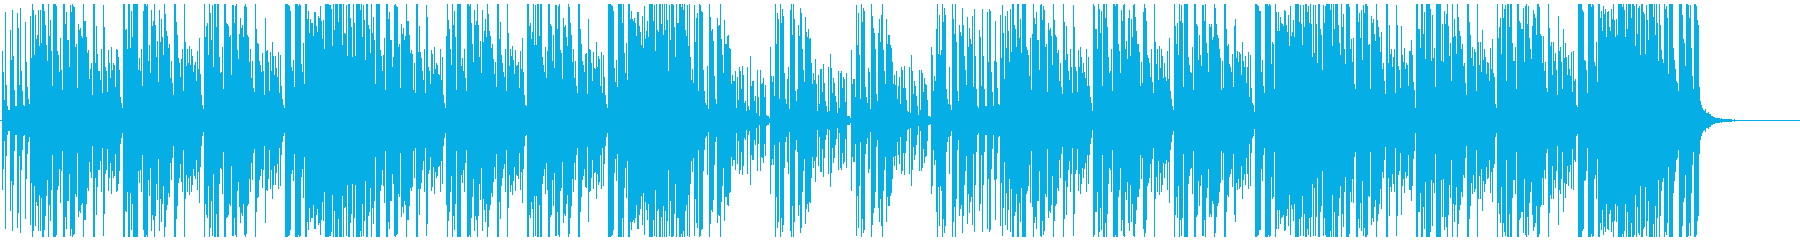 エレピとリズムのんの再生済みの波形